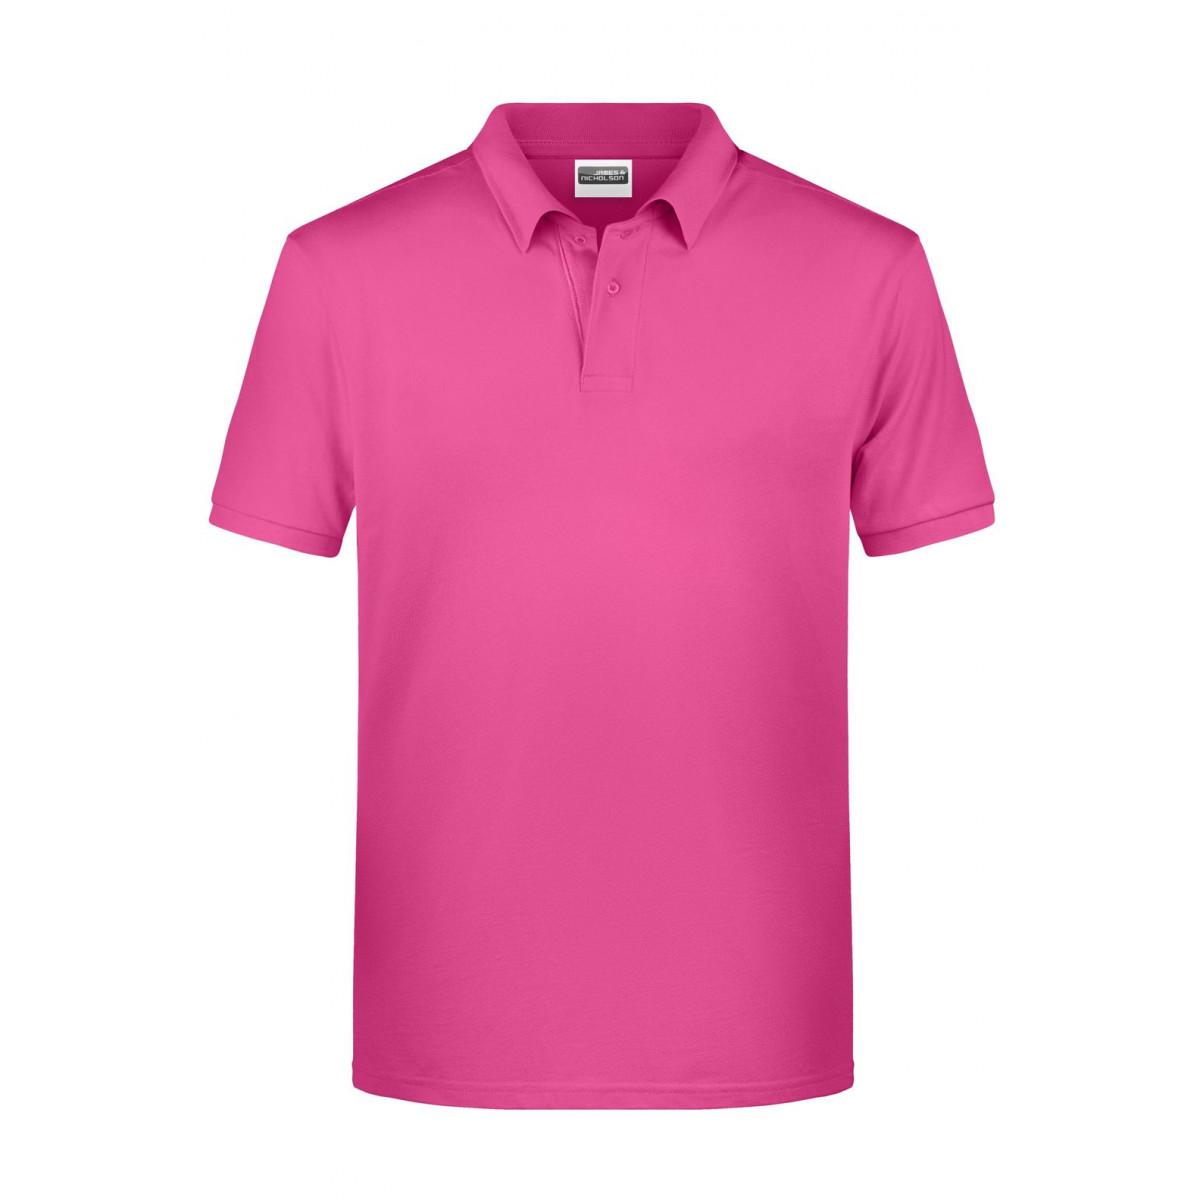 Рубашка поло мужская 8010 Mens Basic Polo - Розовый